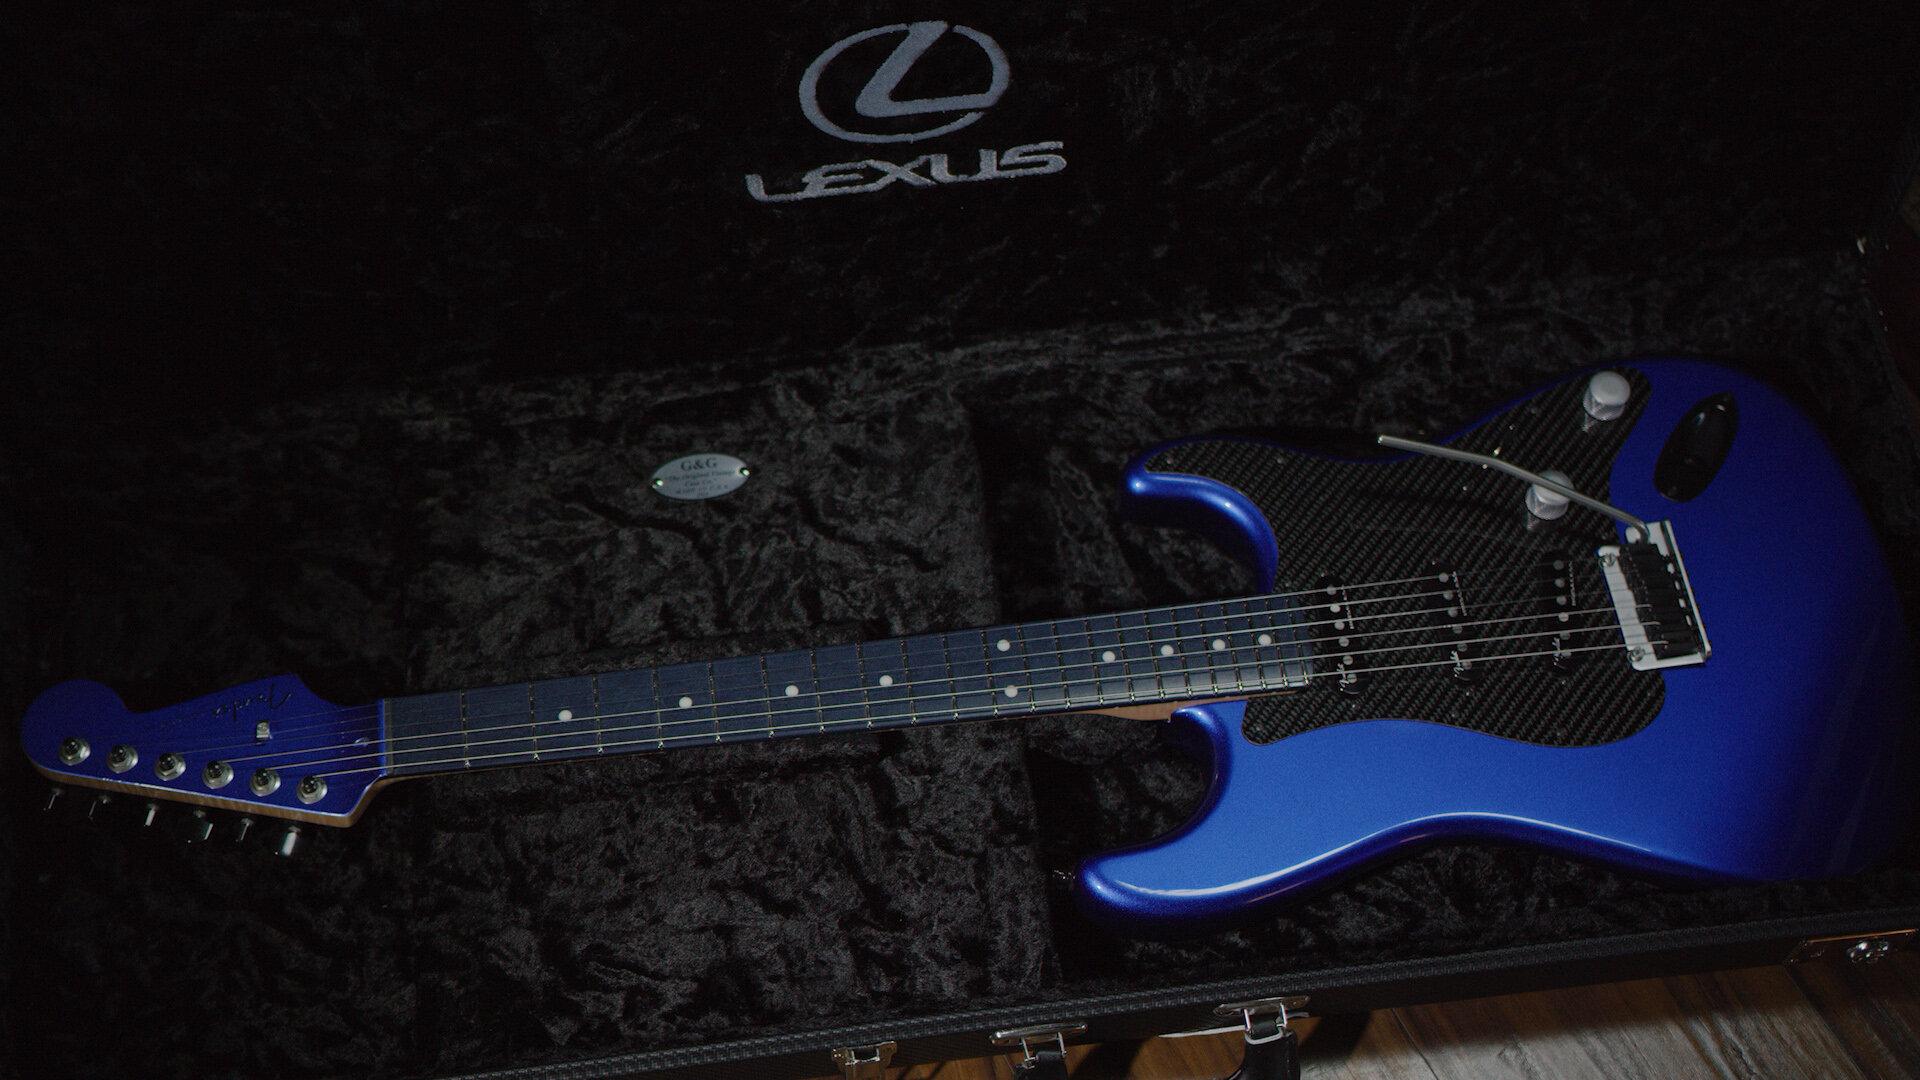 Lexus и Fender разработали необычную гитару: она выглядит синей, но на самом деле нет